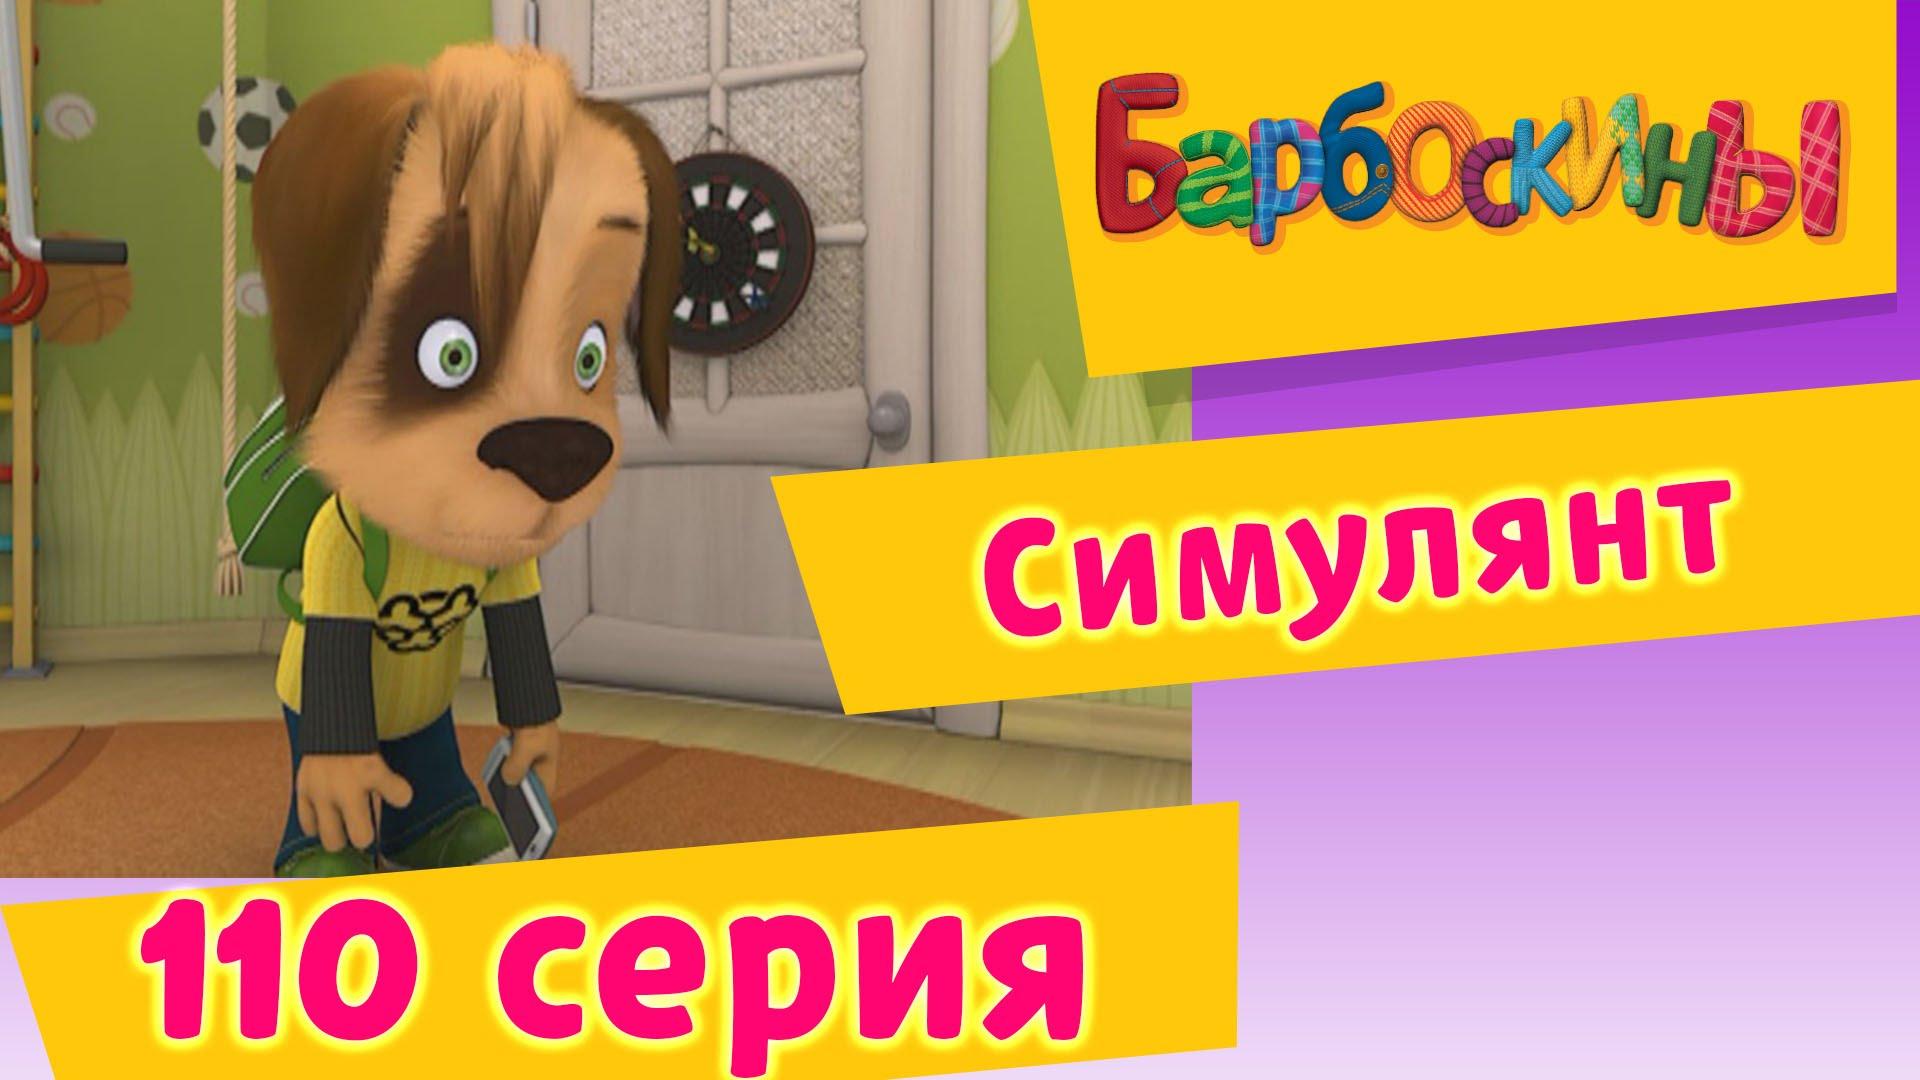 Барбоскины — 110 серия. Симулянт